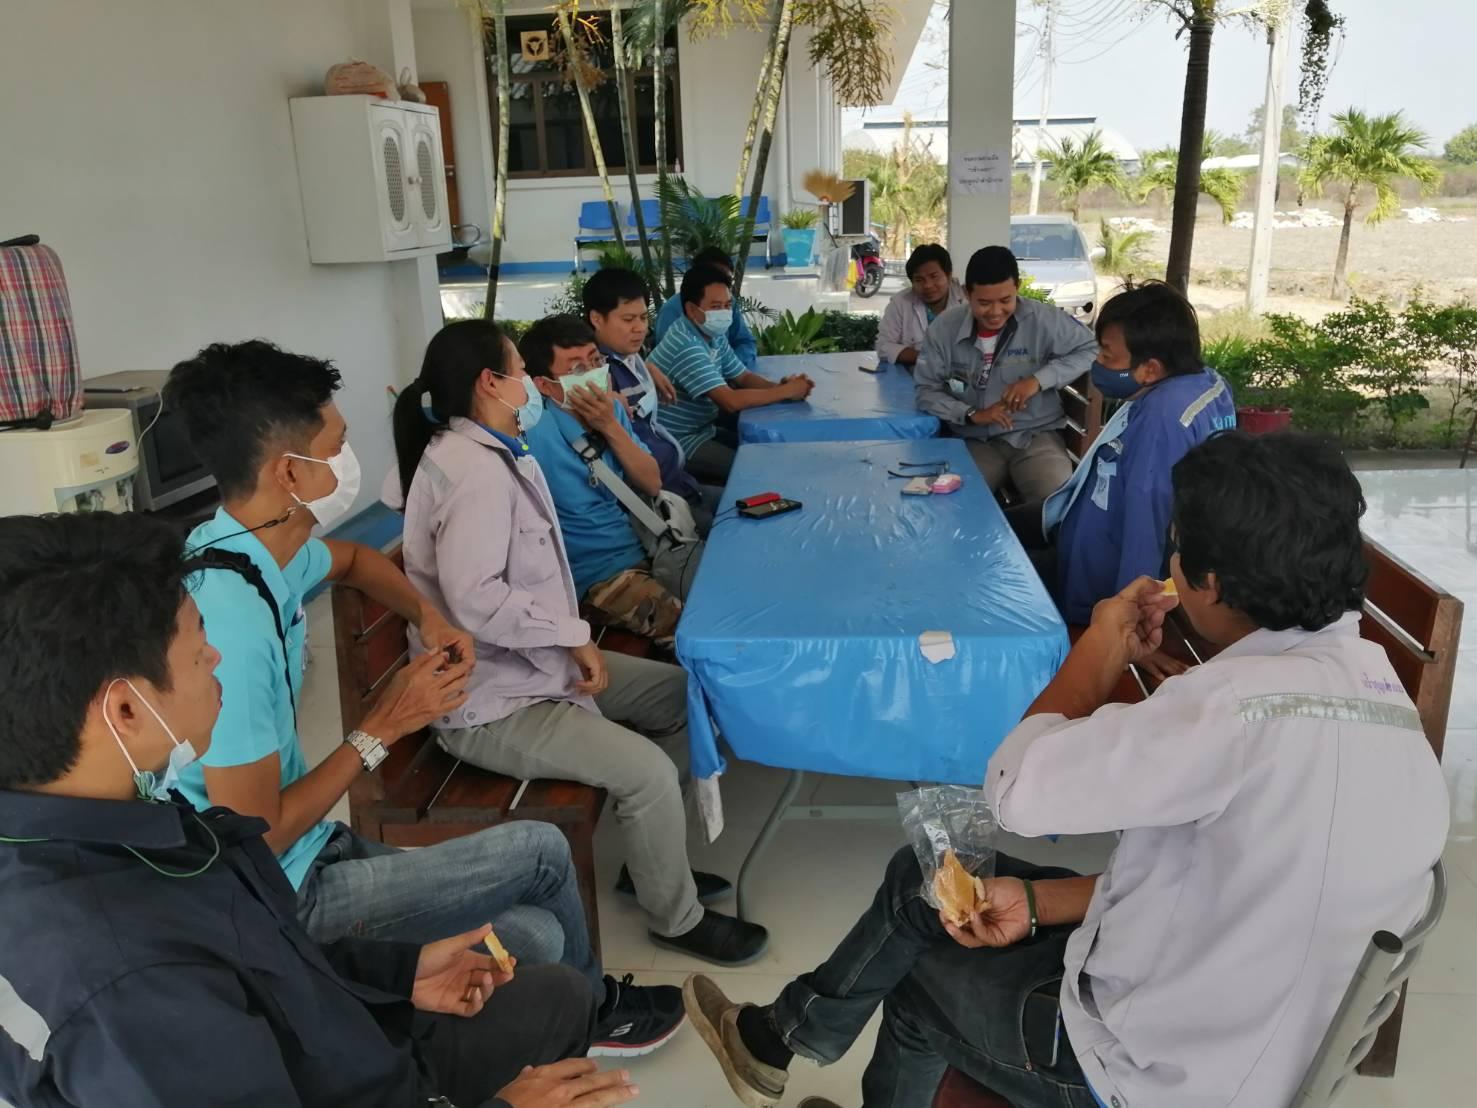 กปภ.สาขาราชบุรี  ออกสำรวจค้นหาท่อแตกรั่วเพื่อลดน้ำสูญเสียเชิงรุก ในพื้นที่อำเภอดำเนินสะดวก